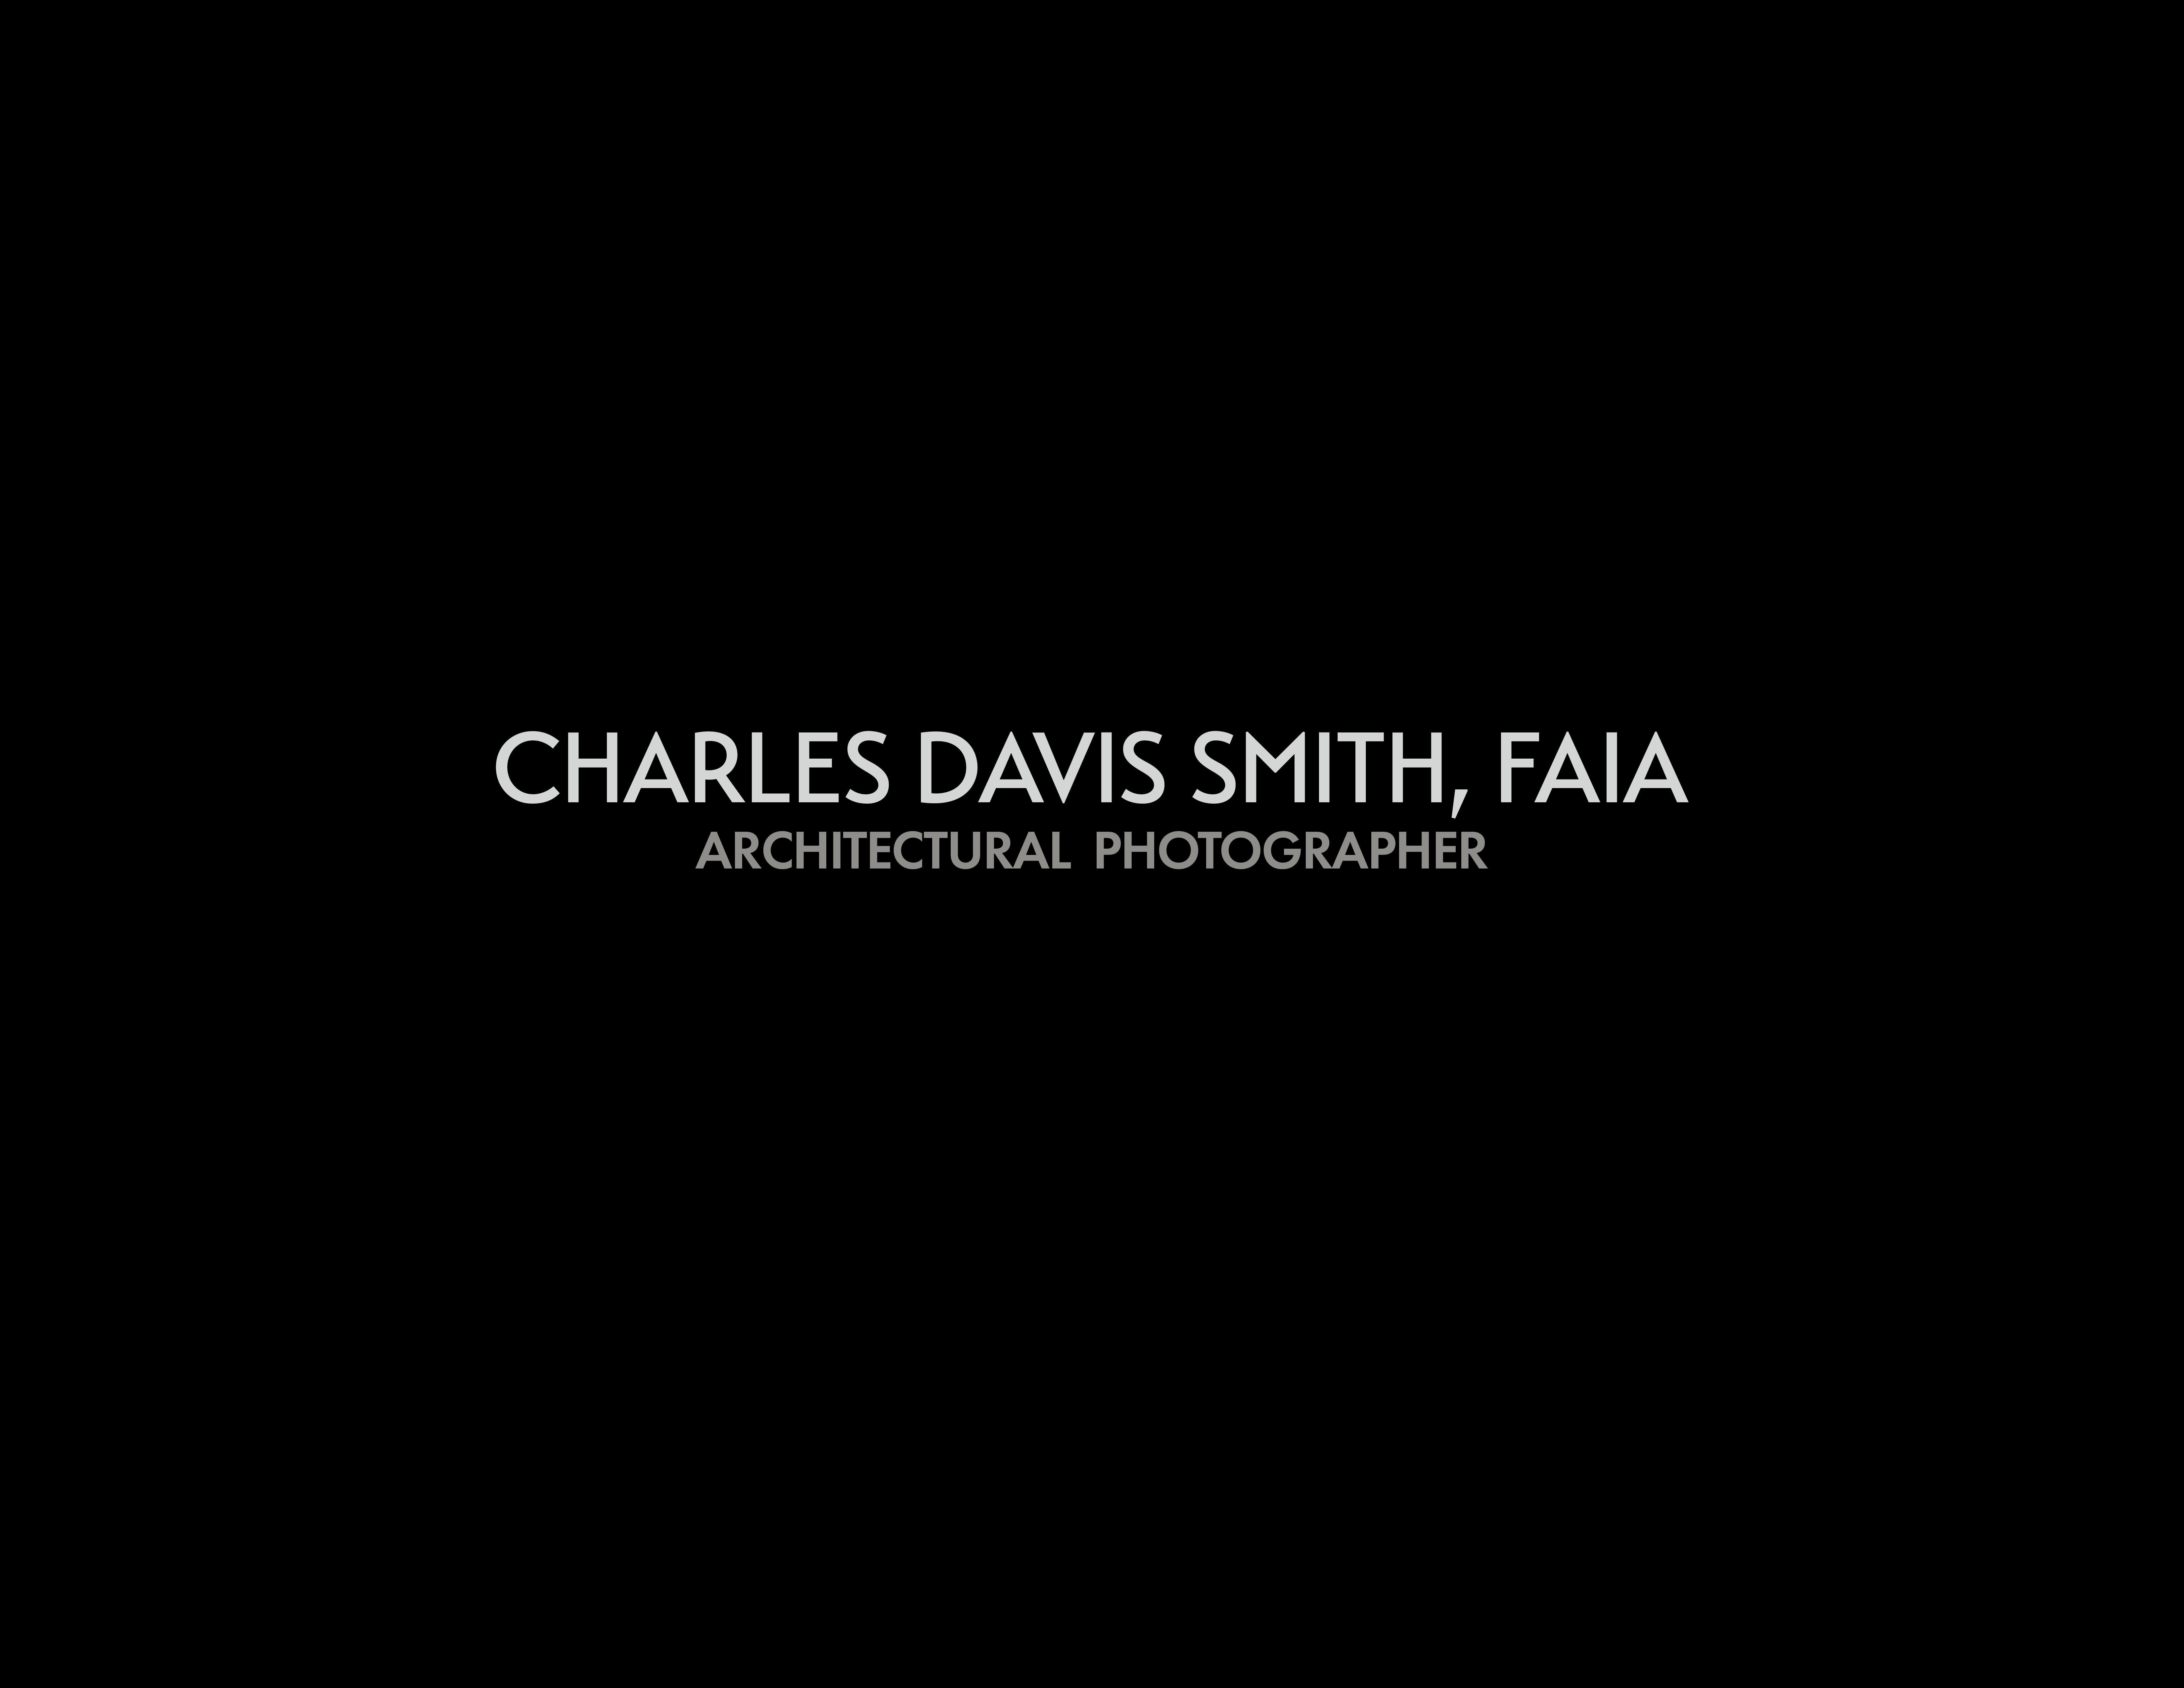 Design Awards: Charles Davis Smith, FAIA logo